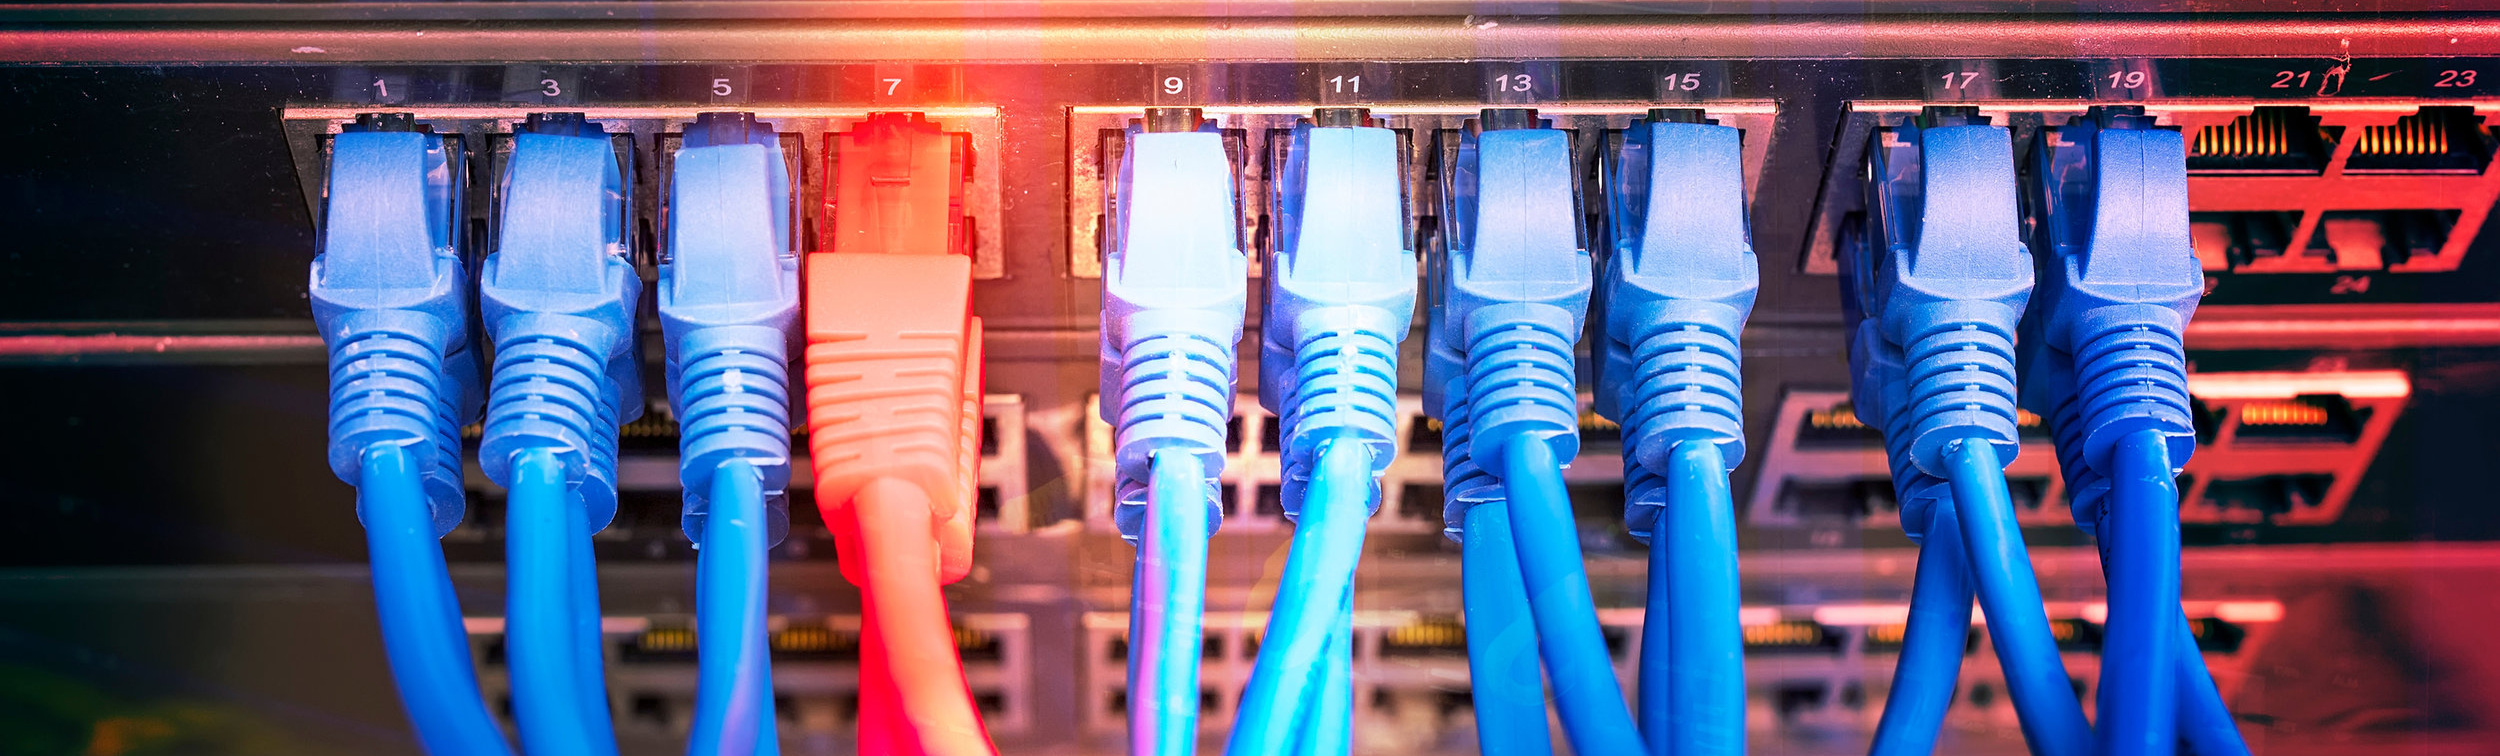 network_security.jpg